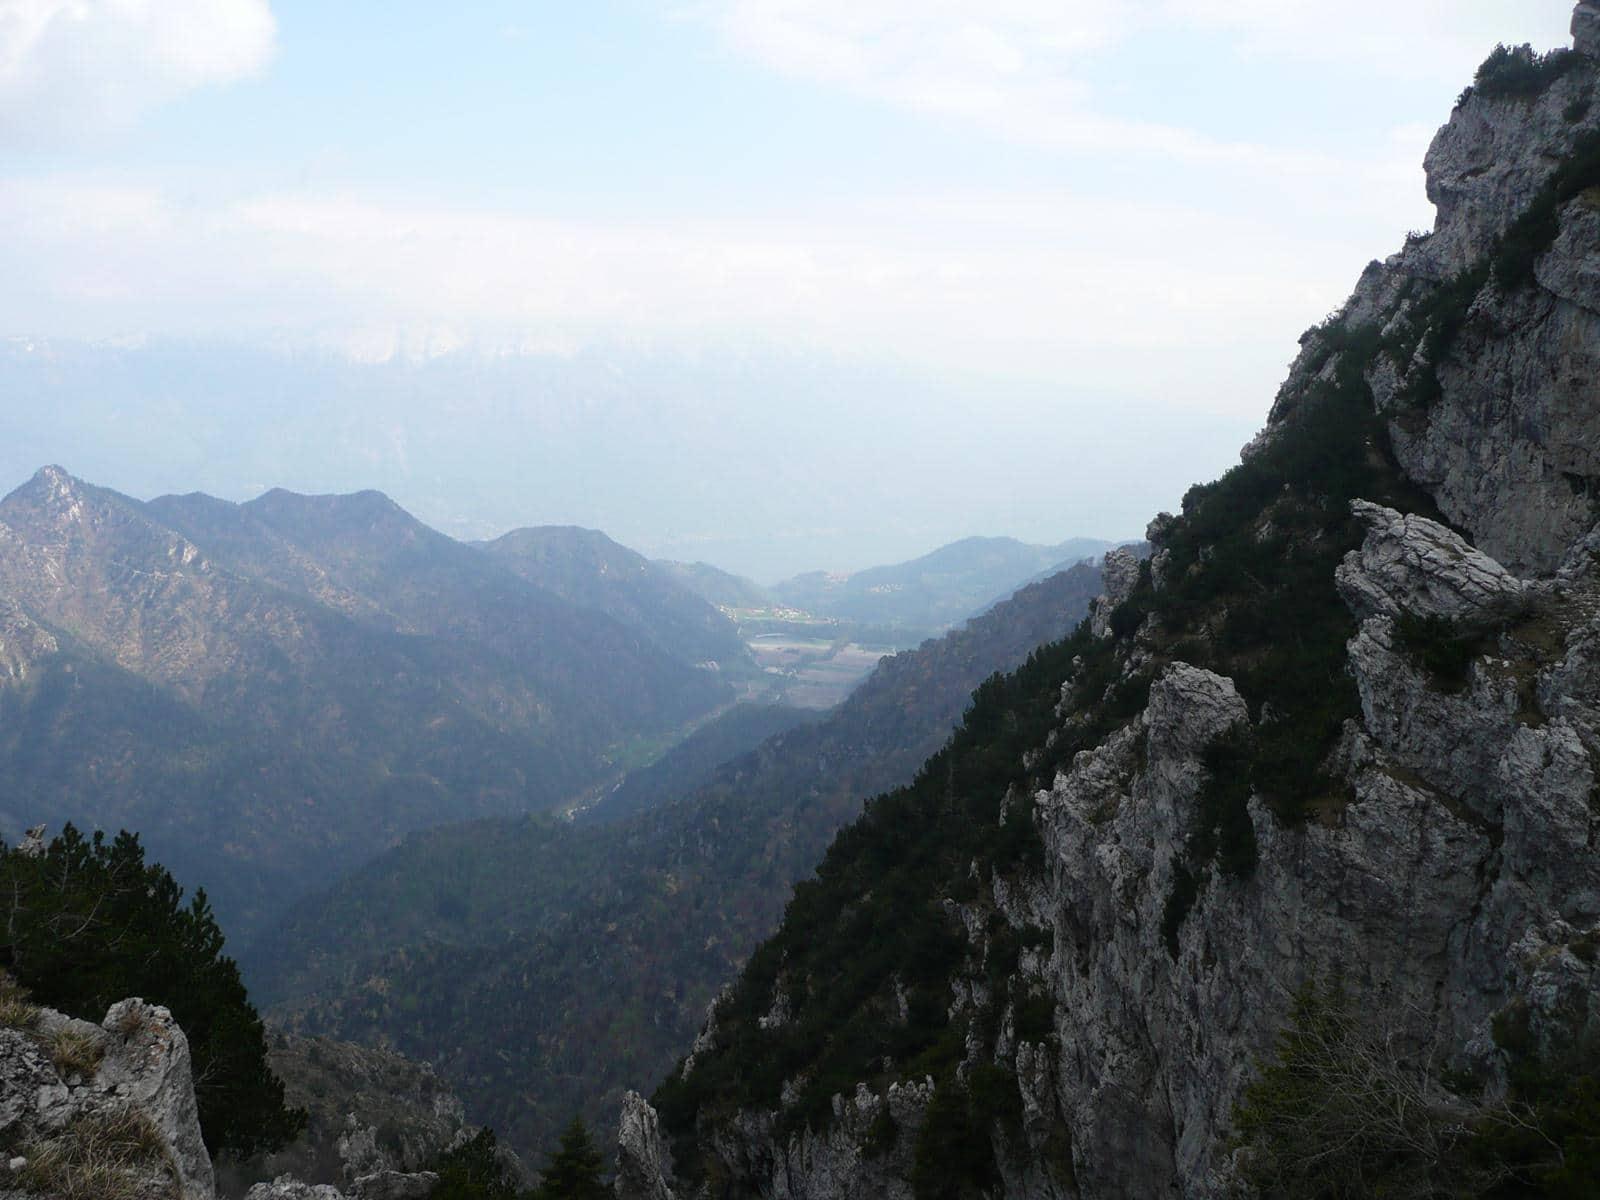 Rundblick vom Pass in Tal auf den Gardasee